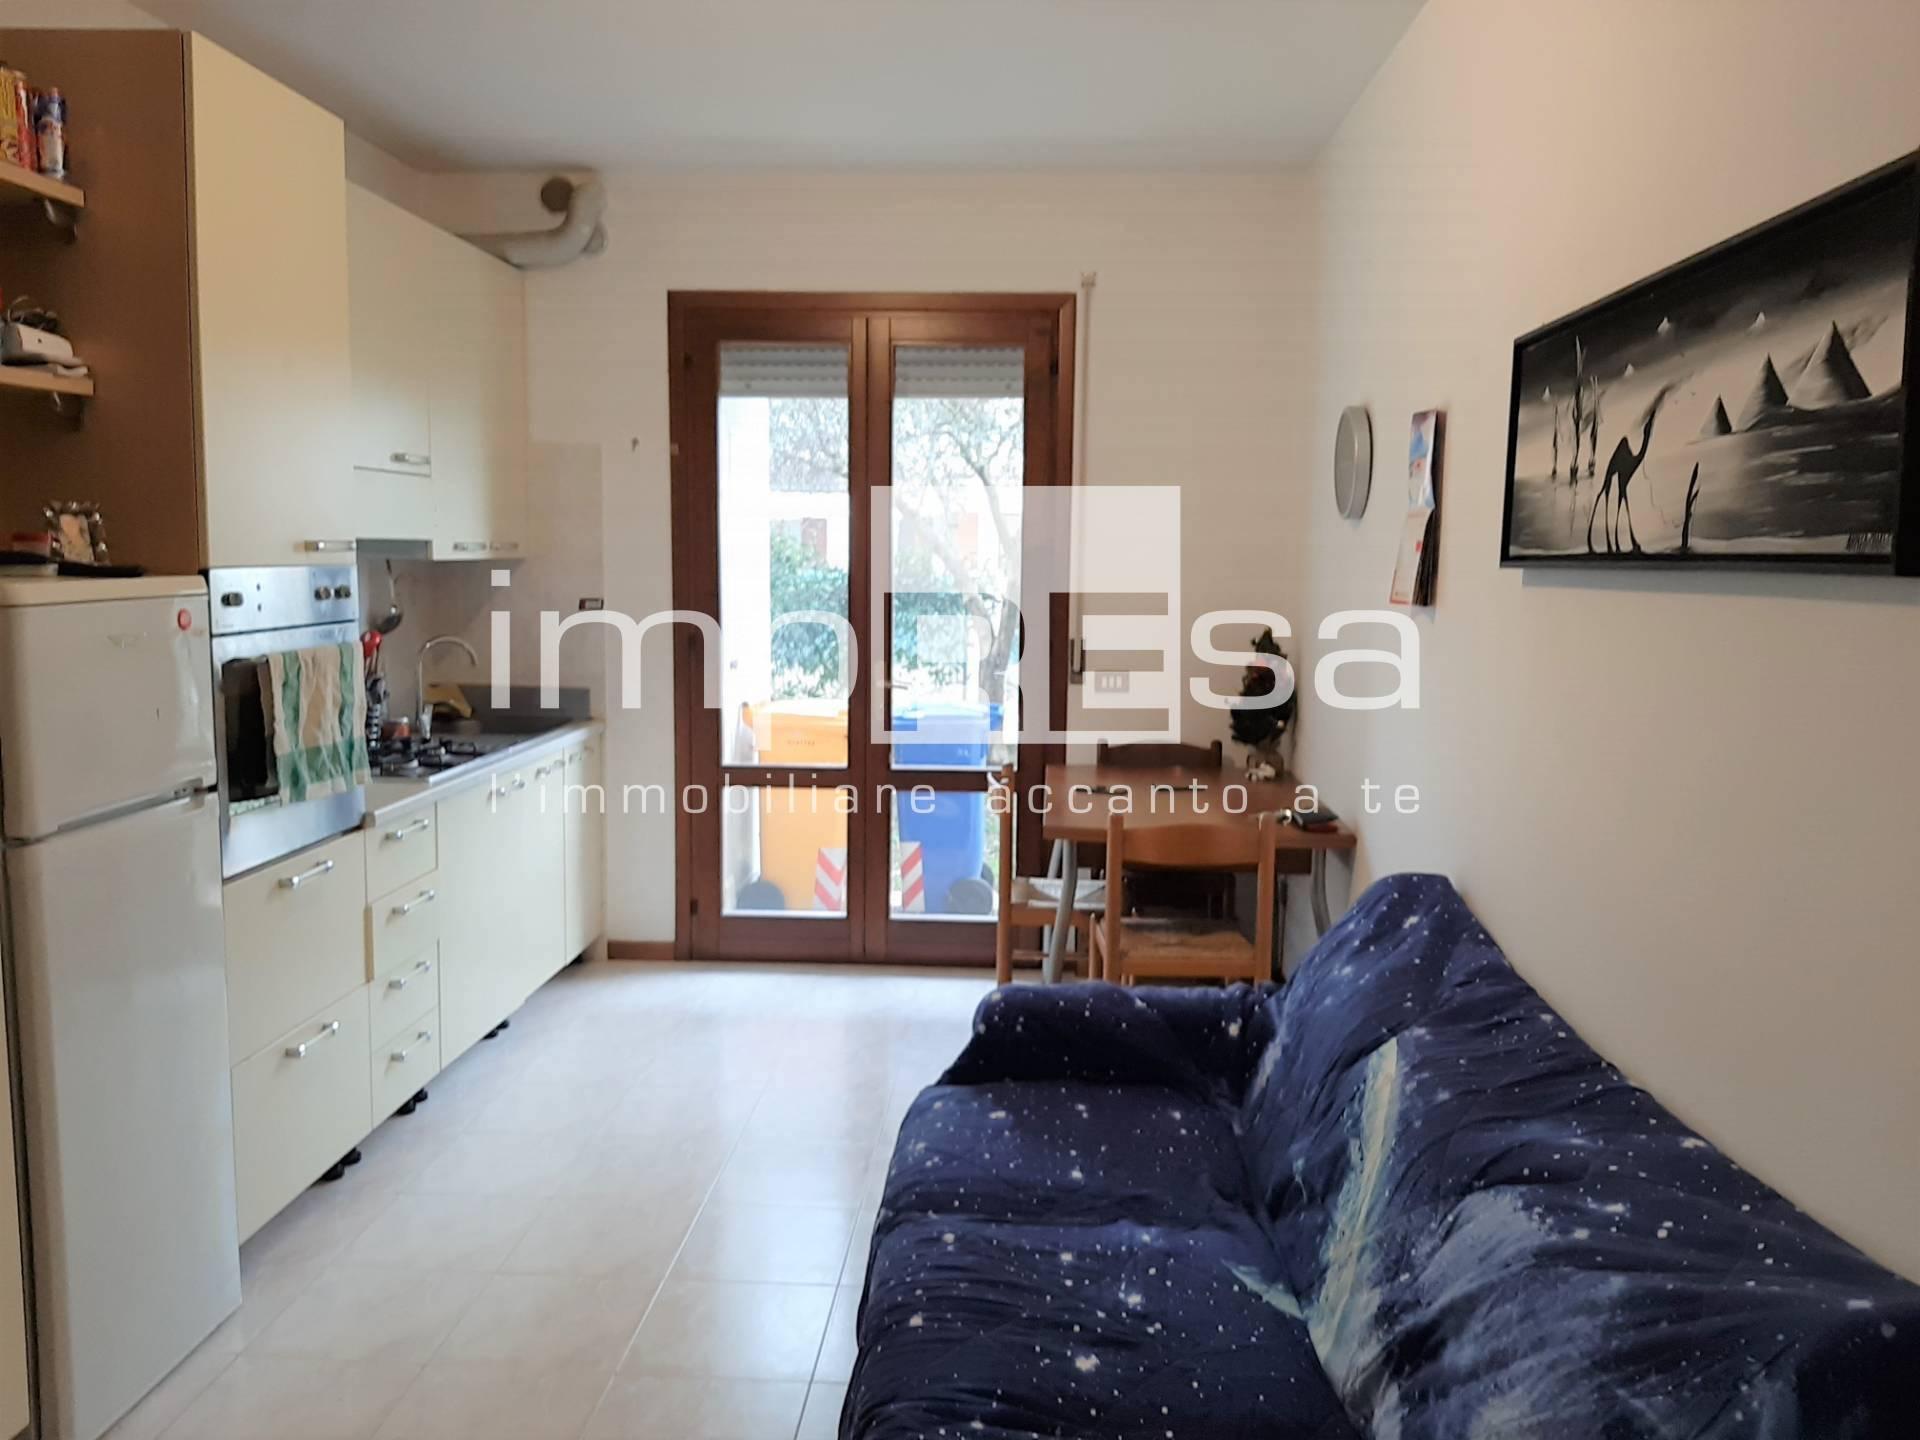 Appartamento in vendita a Paese, 2 locali, zona Località: Centro, prezzo € 65.000   CambioCasa.it